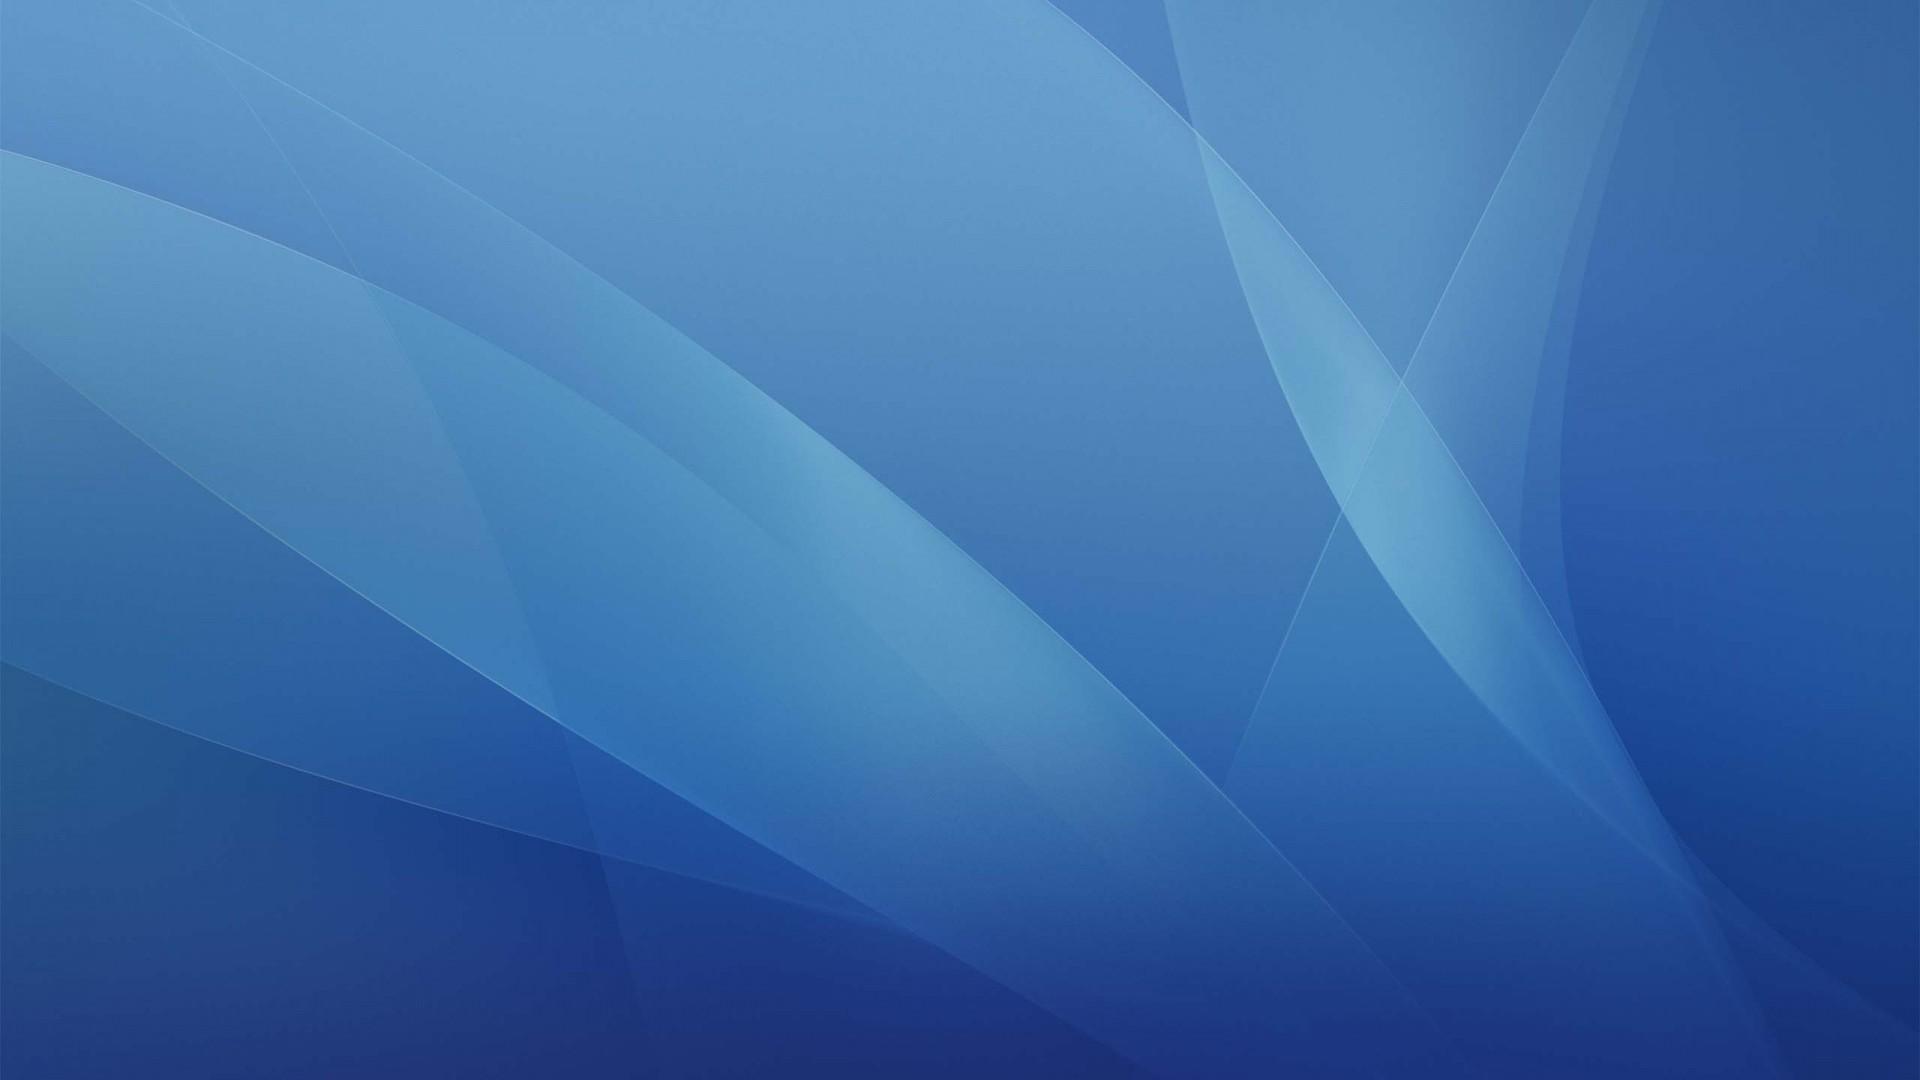 Apple Wallpaper Iphone 7 Die 63 Besten Einfarbige Hintergrundbilder